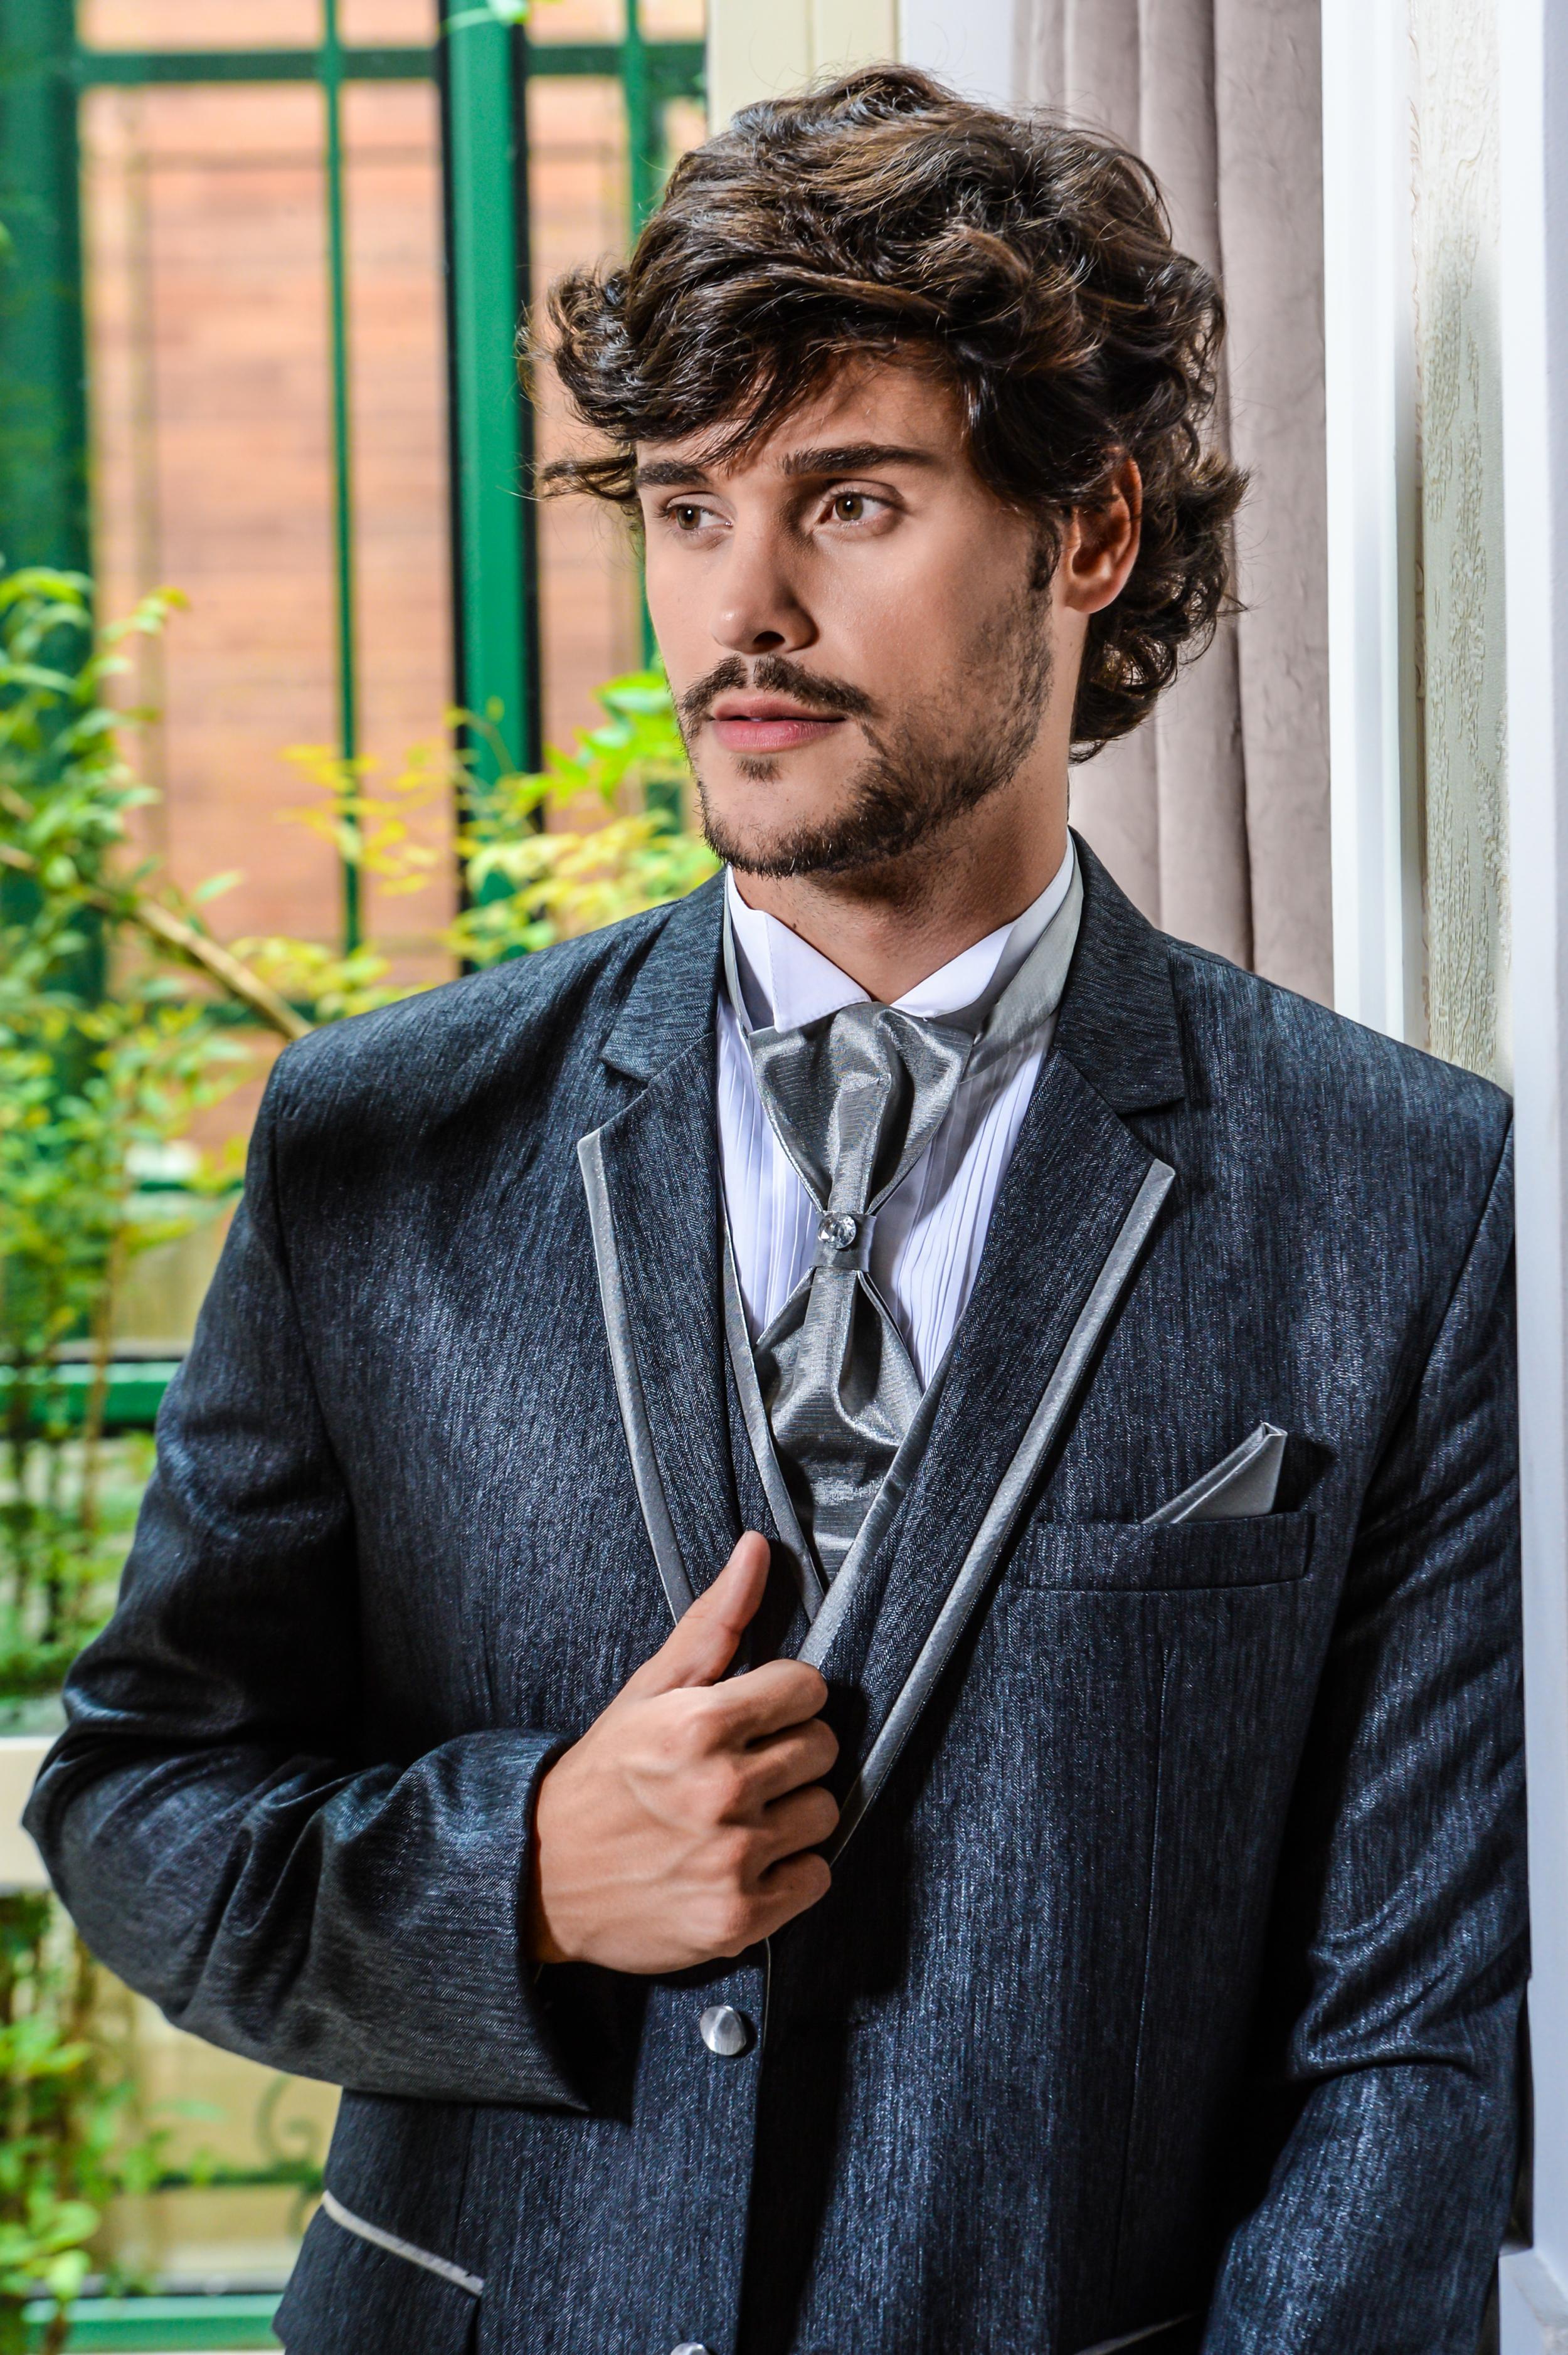 55 - Terno cinza com colete e gravata noivo